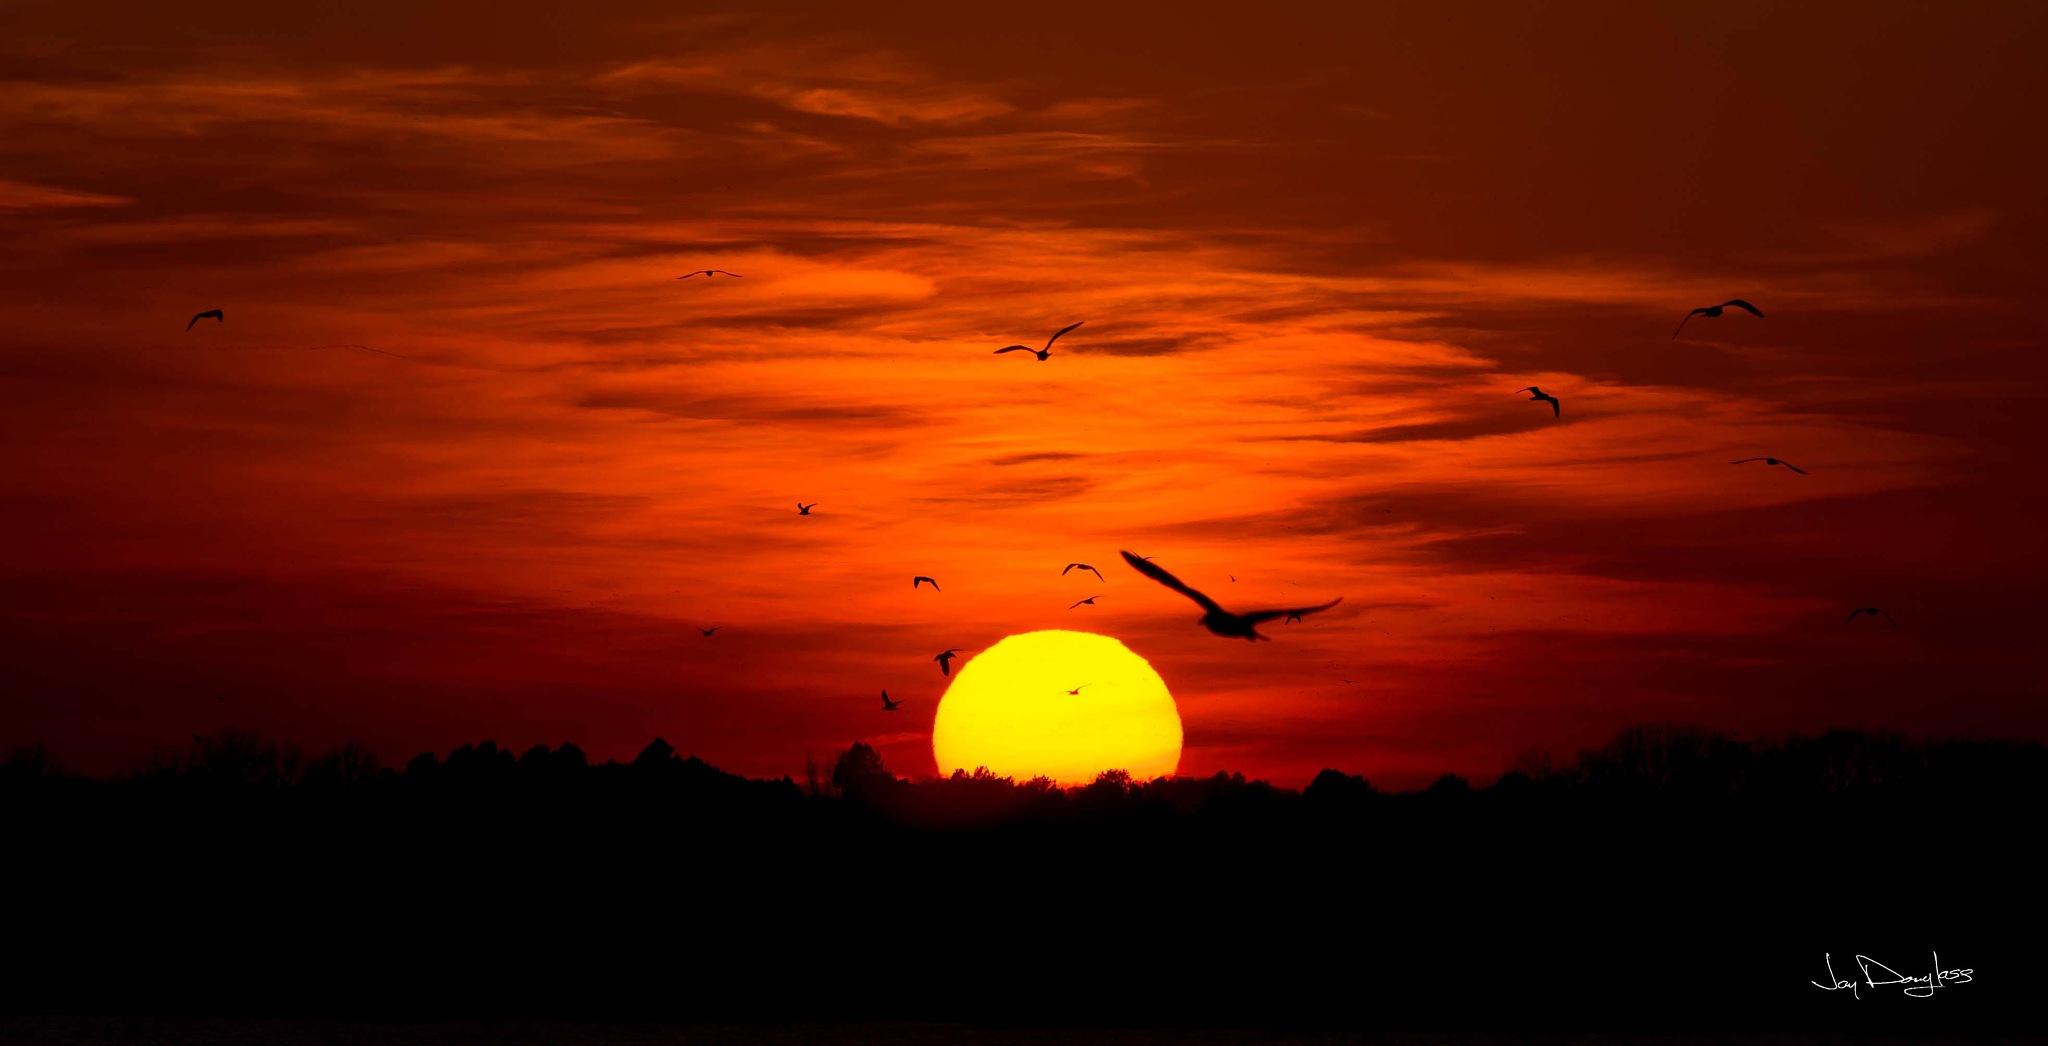 Birds at Sunset by Jay Douglass